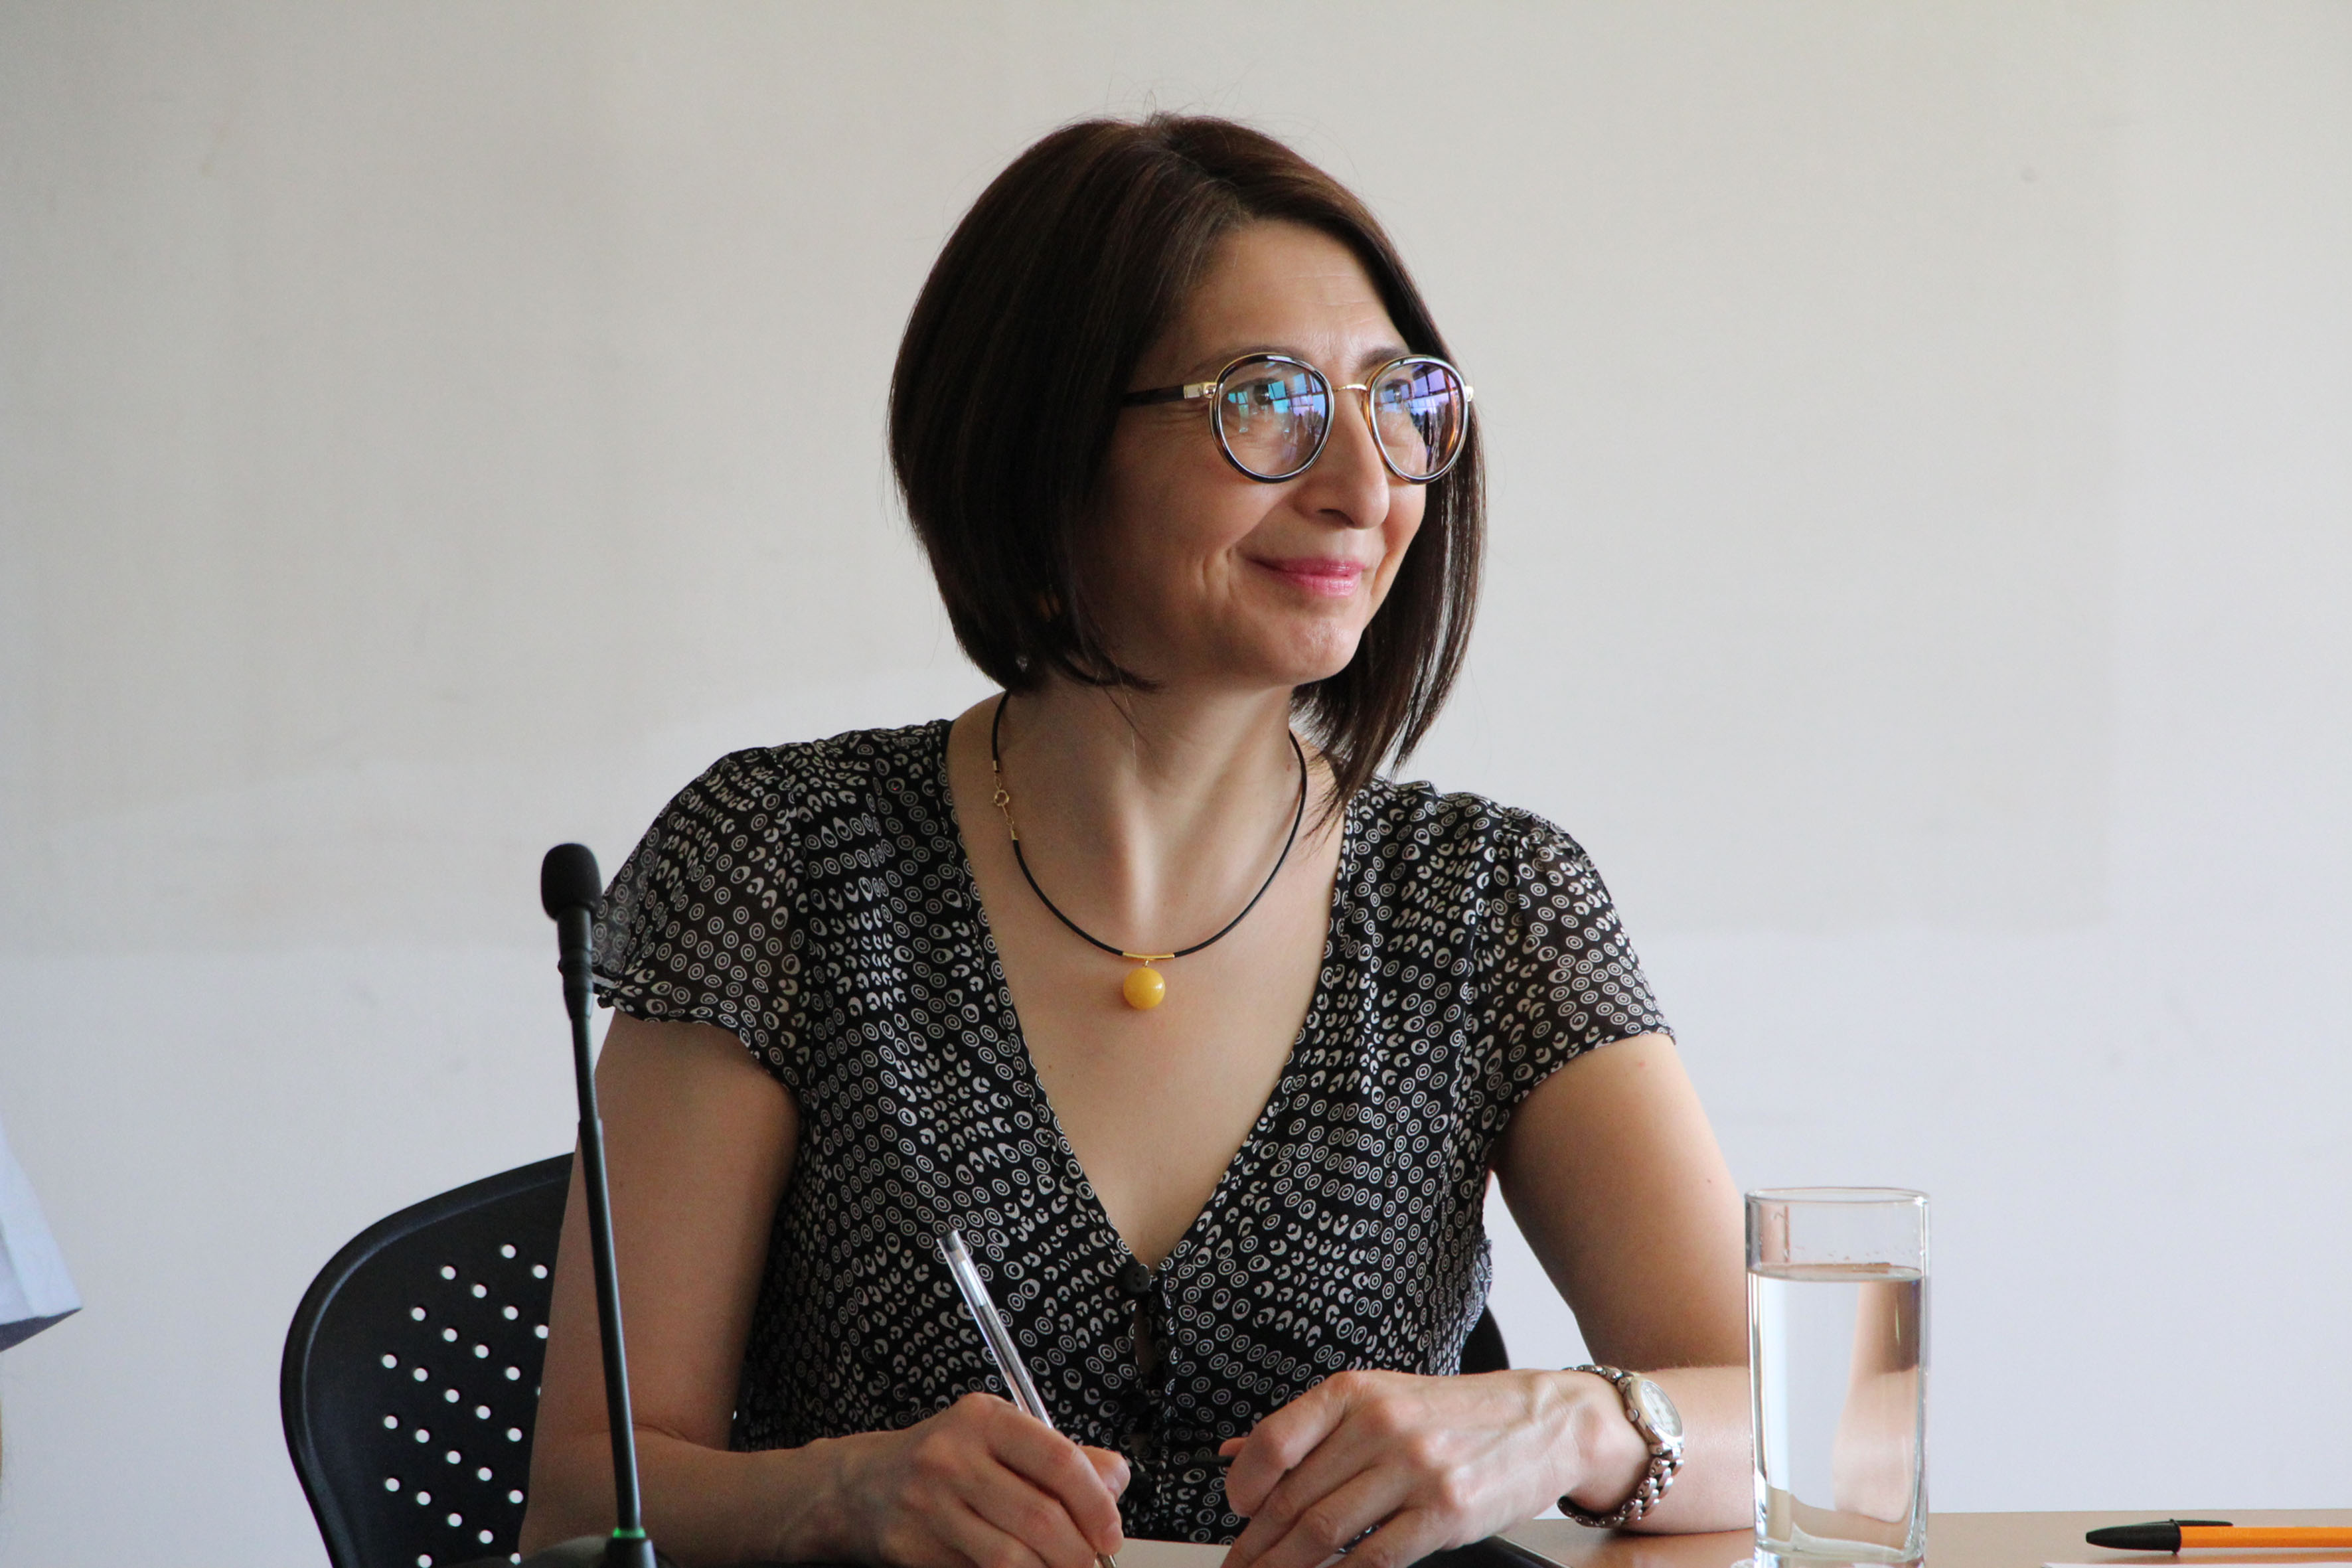 Rectora de CUALTOS, doctora Mara Robles Villaseñor.